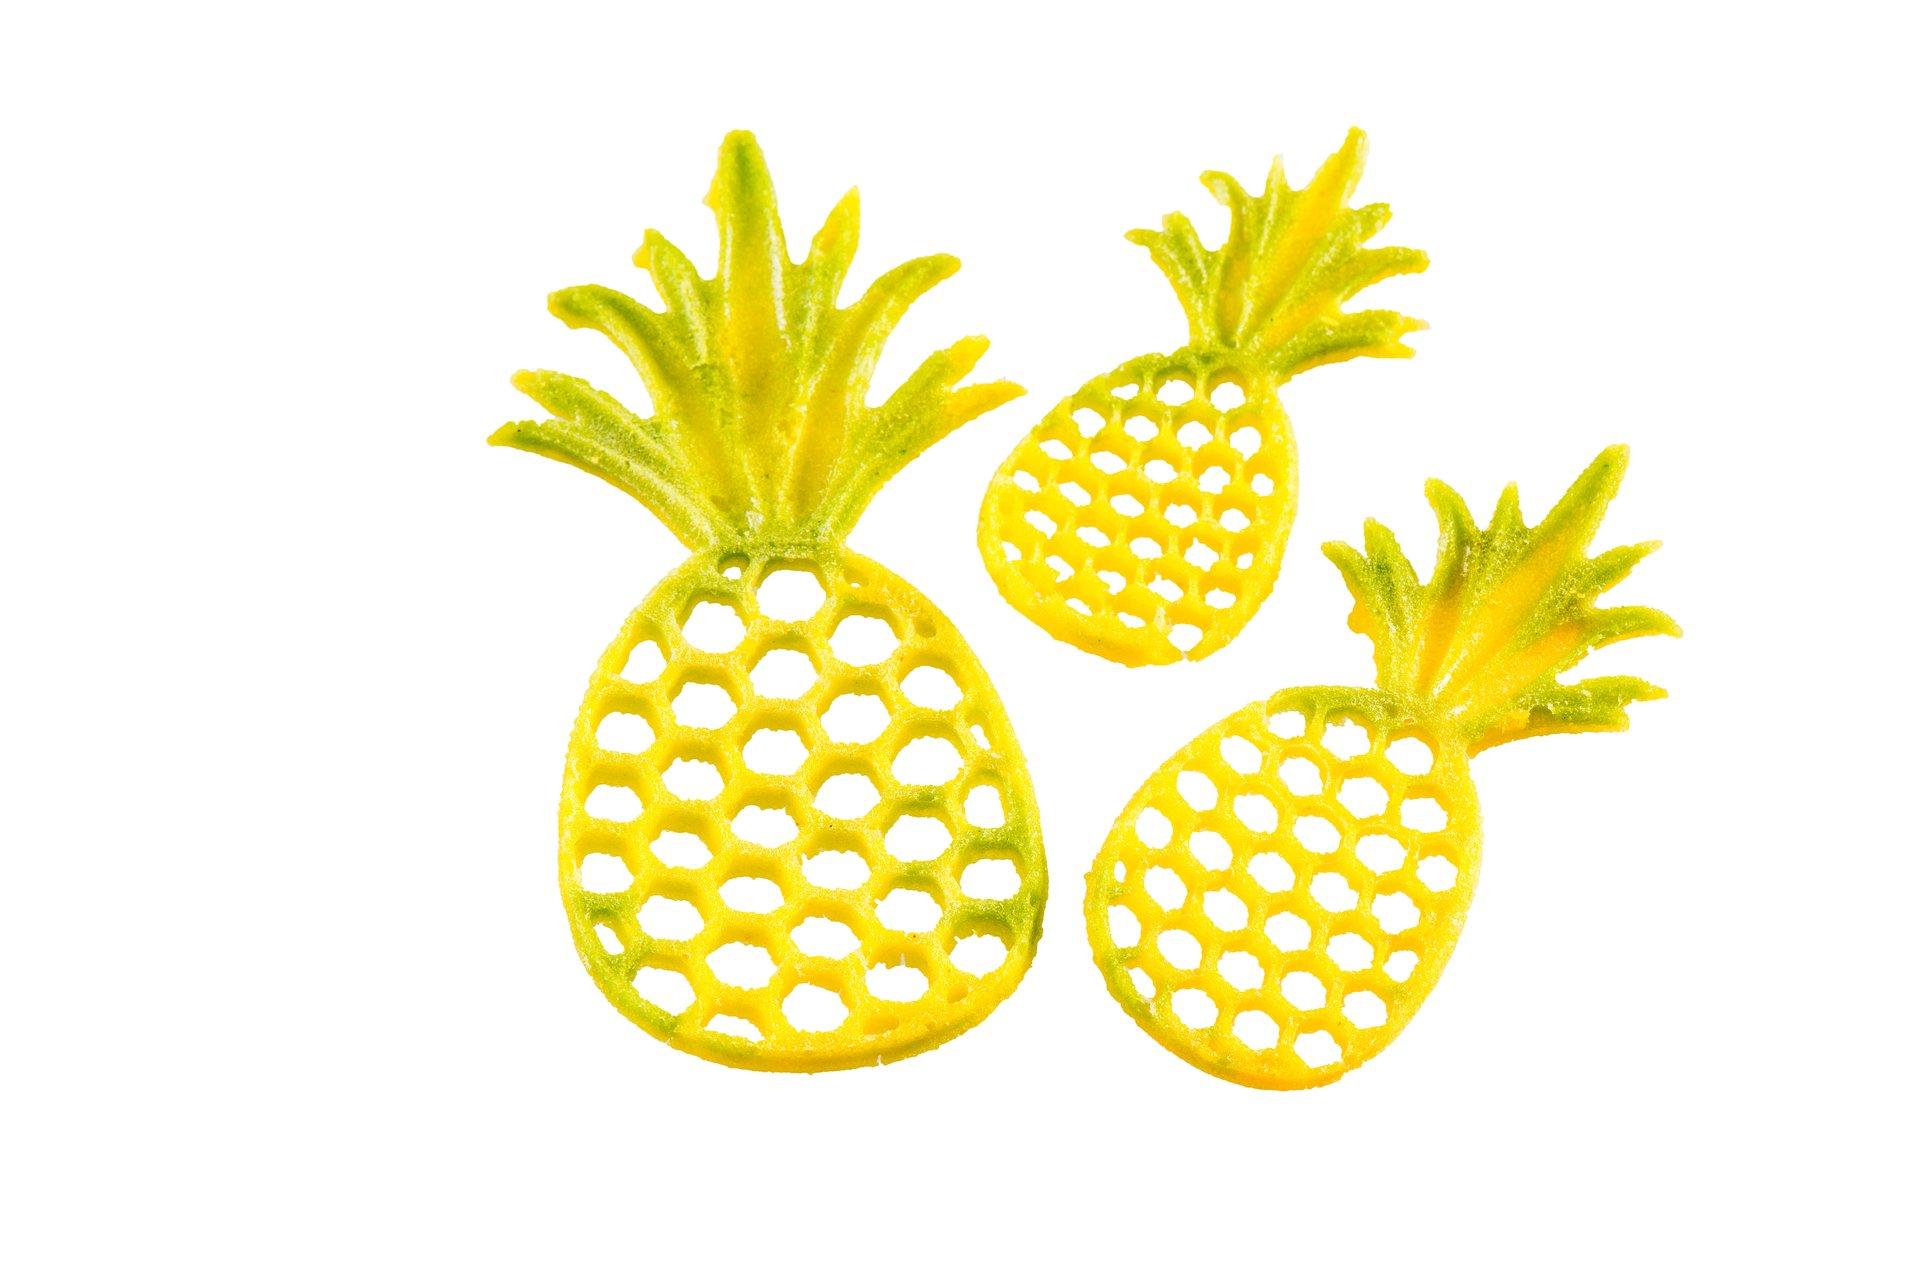 Acquista il prodotto DecorArt - Ananas